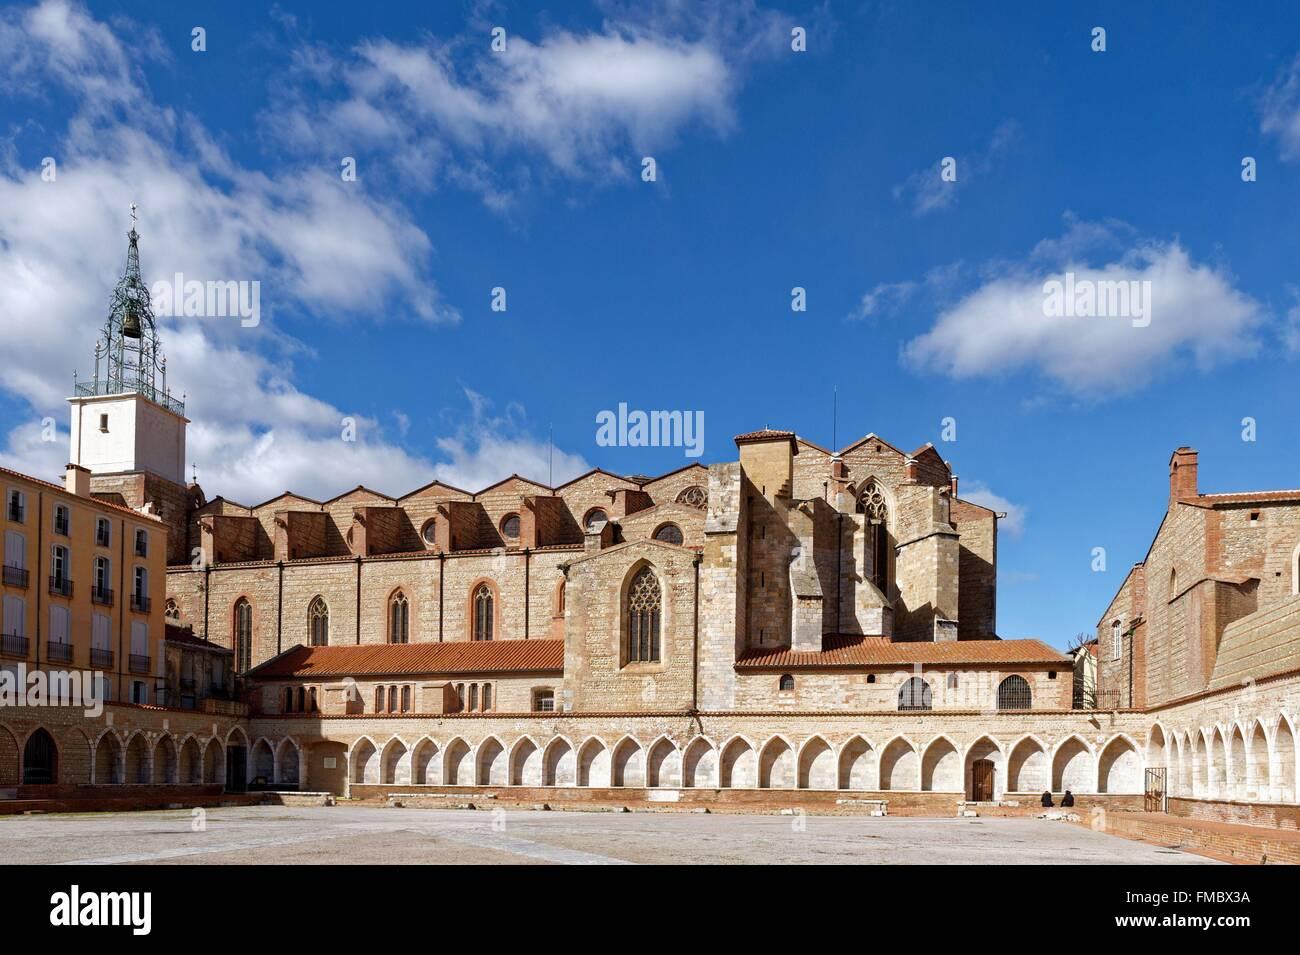 France, Pyrénées Orientales, Perpignan, Saint Jean de la cathédrale et le Campo Santo, le seul cimetière Photo Stock